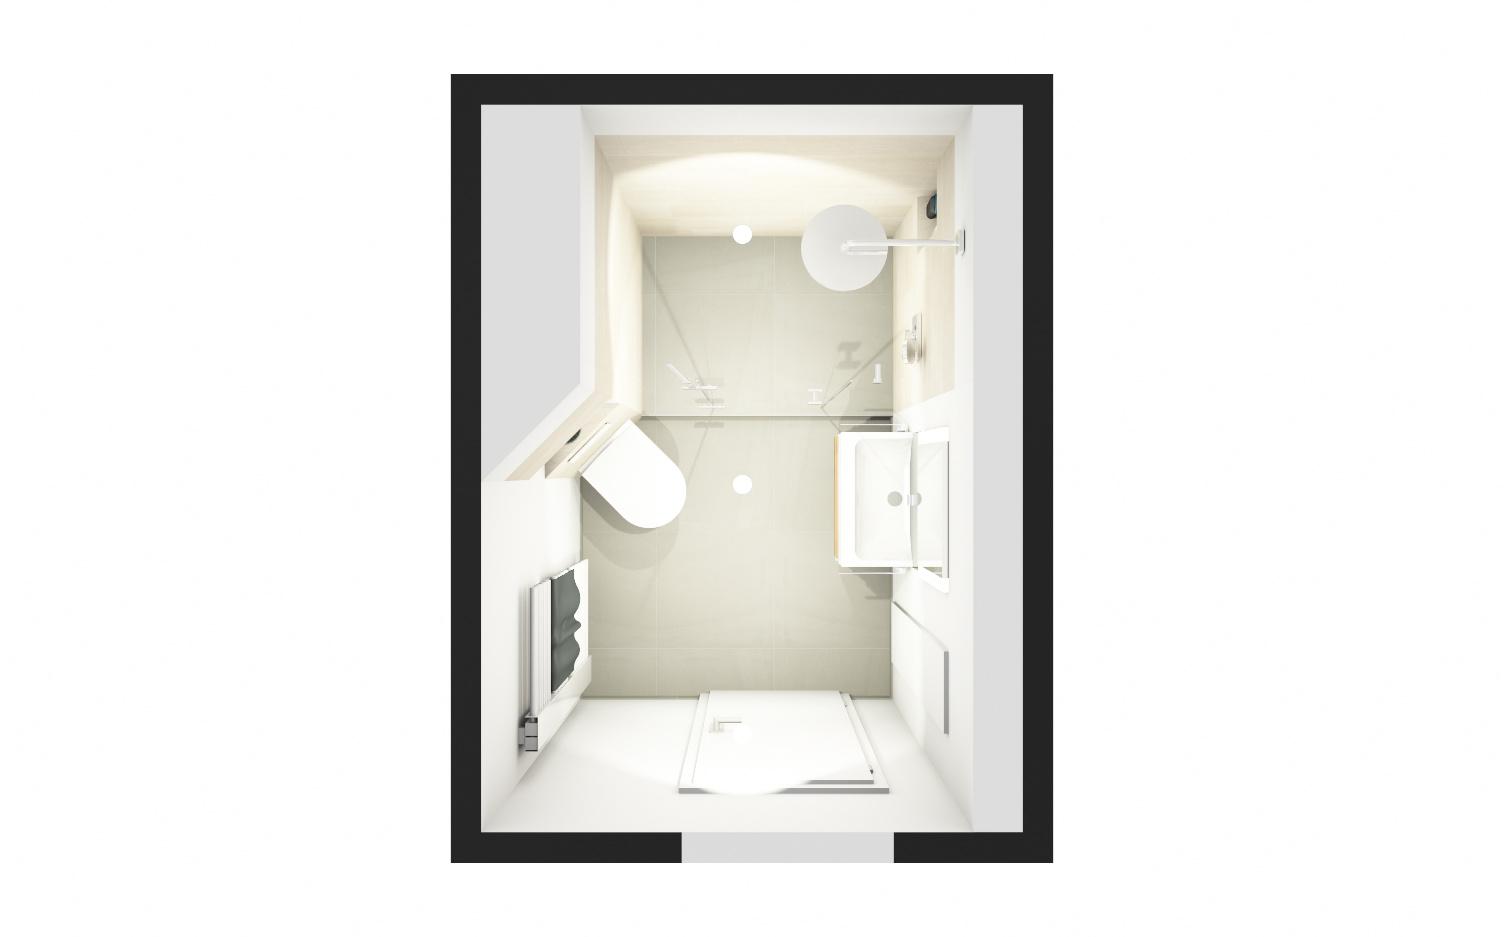 duschbad auf kleinstem raum wohndesign. Black Bedroom Furniture Sets. Home Design Ideas